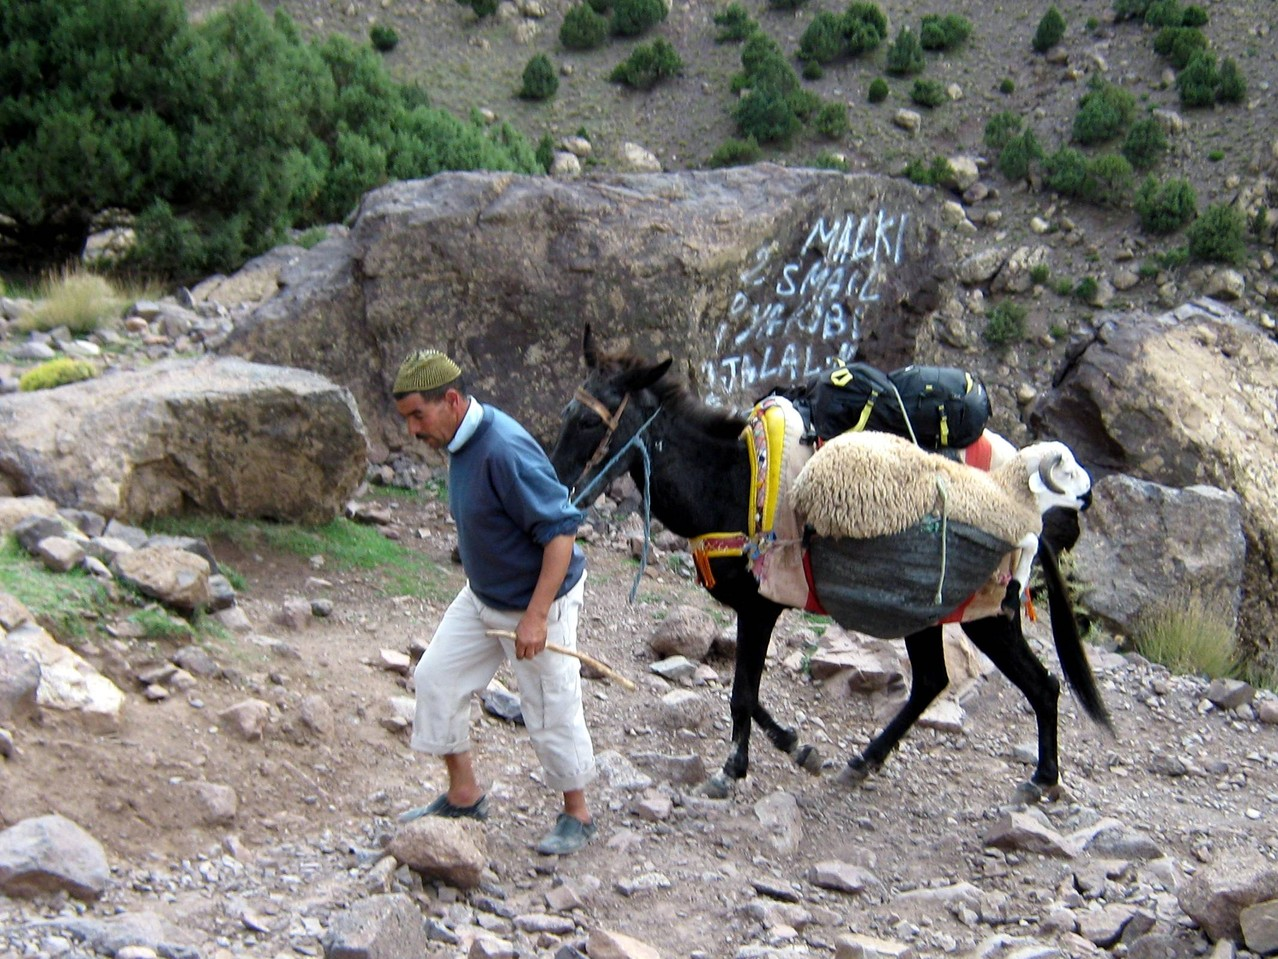 dernier voyage pour les moutons : demain, c'est fête ....